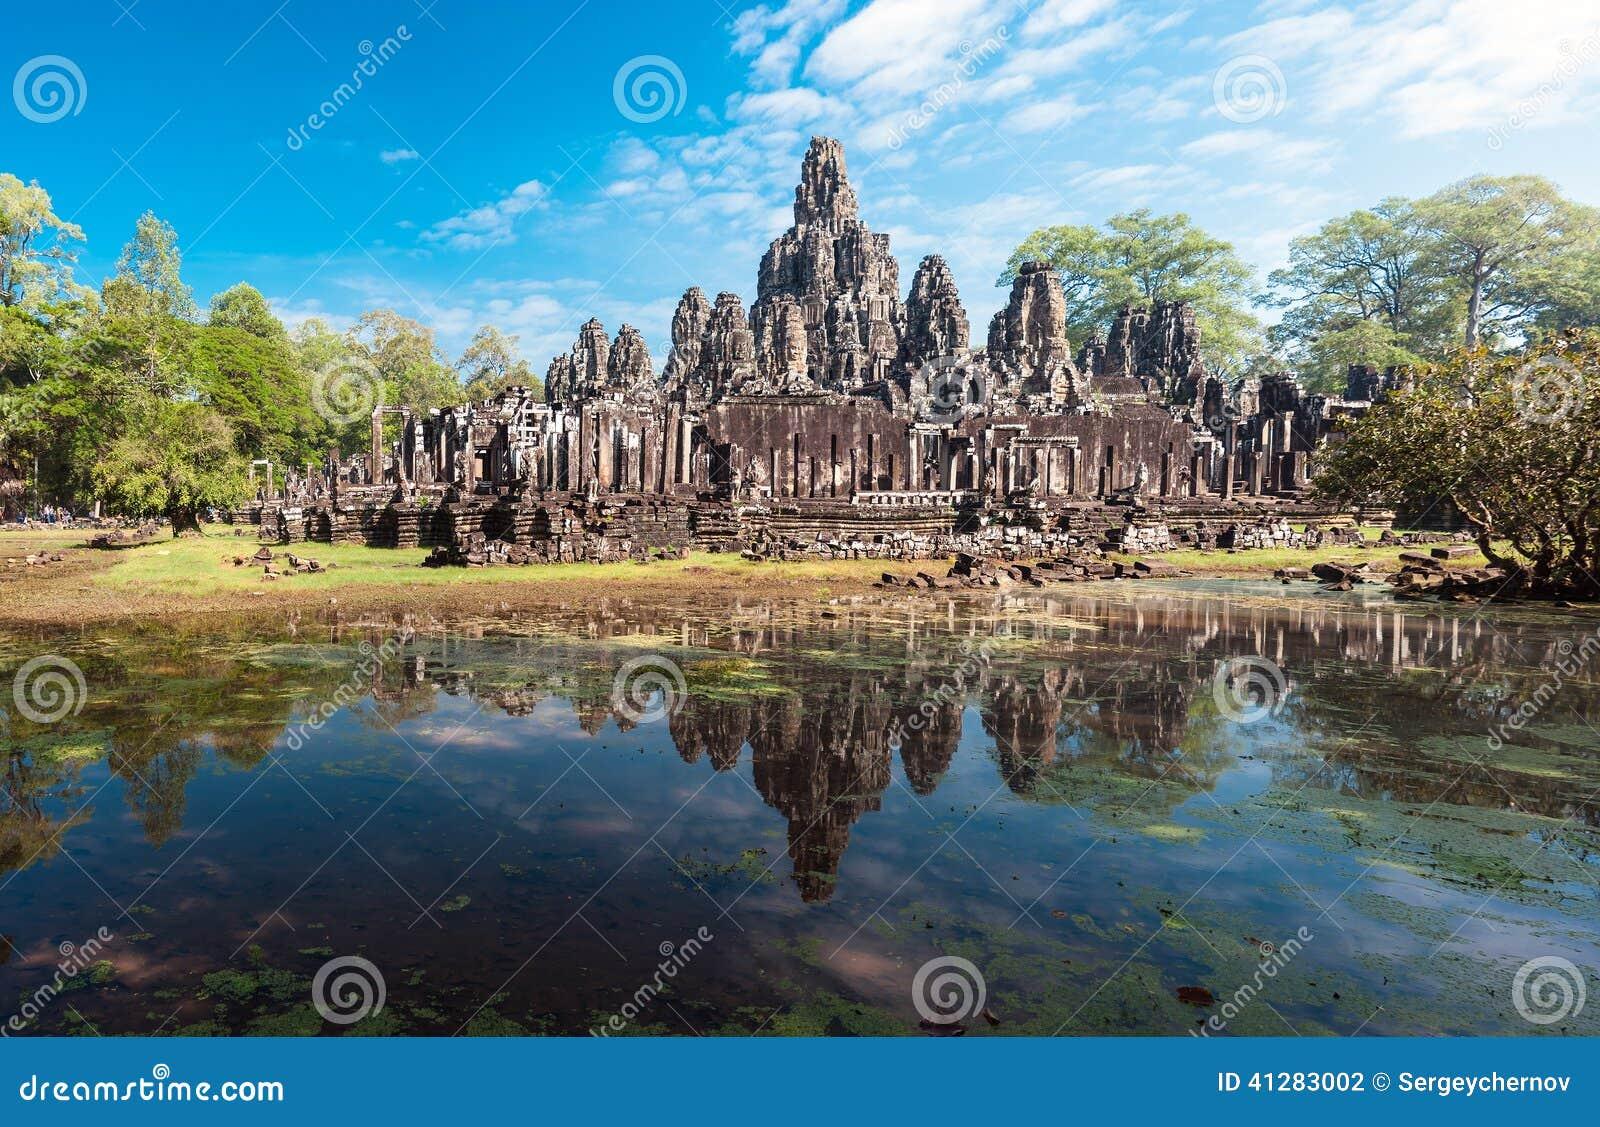 Angkor Thom Cambodja Bayon en khmertempel på Angkor Wat